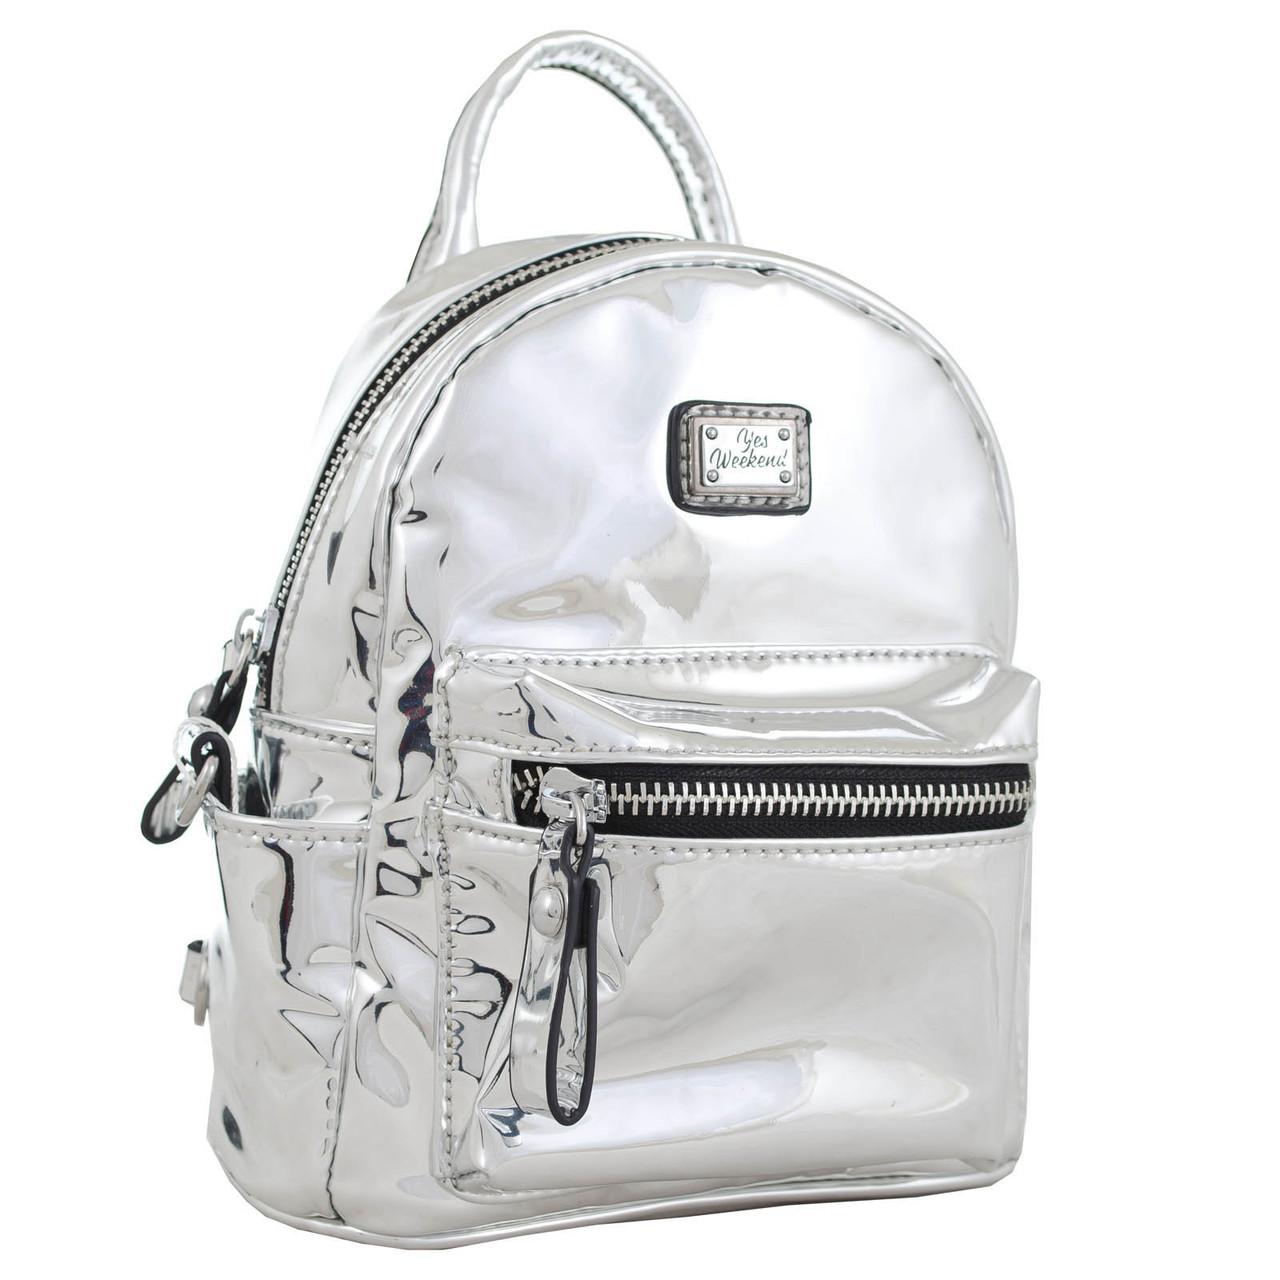 cb58558ae573 Женская сумка-рюкзак из экокожи, 1 ВЕРЕСНЯ Mirorr silver 3 л - SUPERSUMKA  интернет